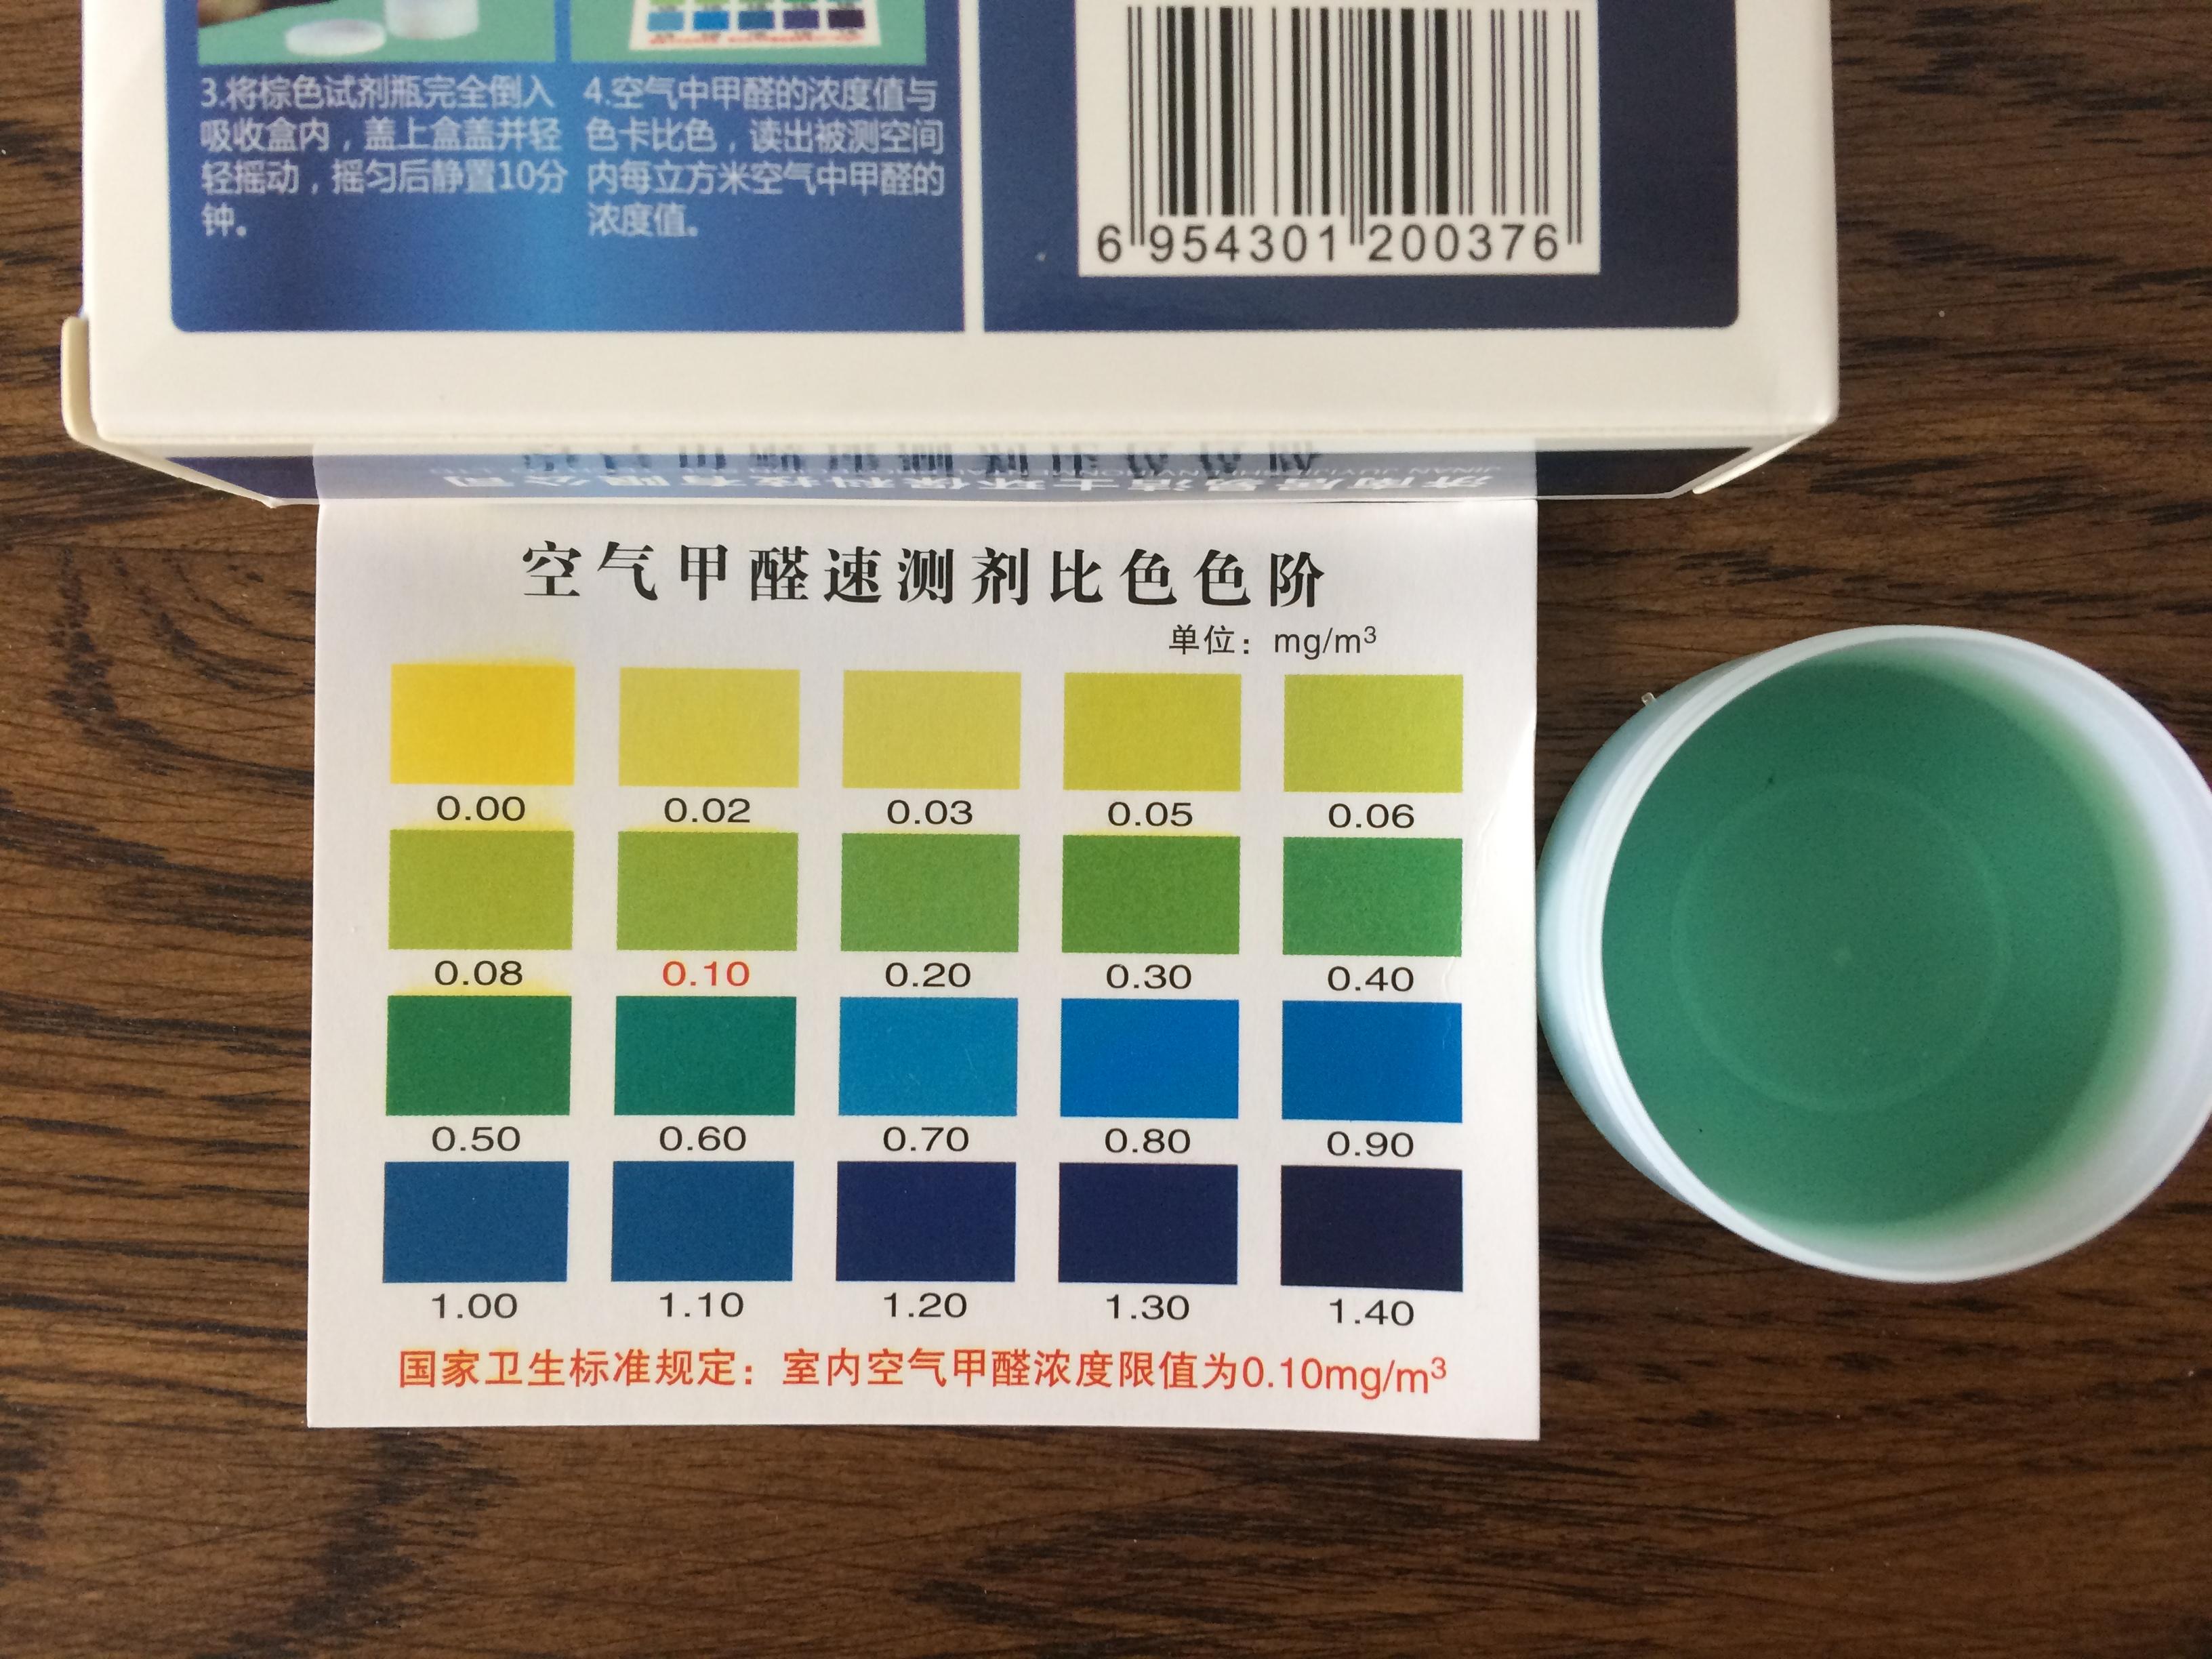 Air Funk光触媒除甲醛盒详细测评